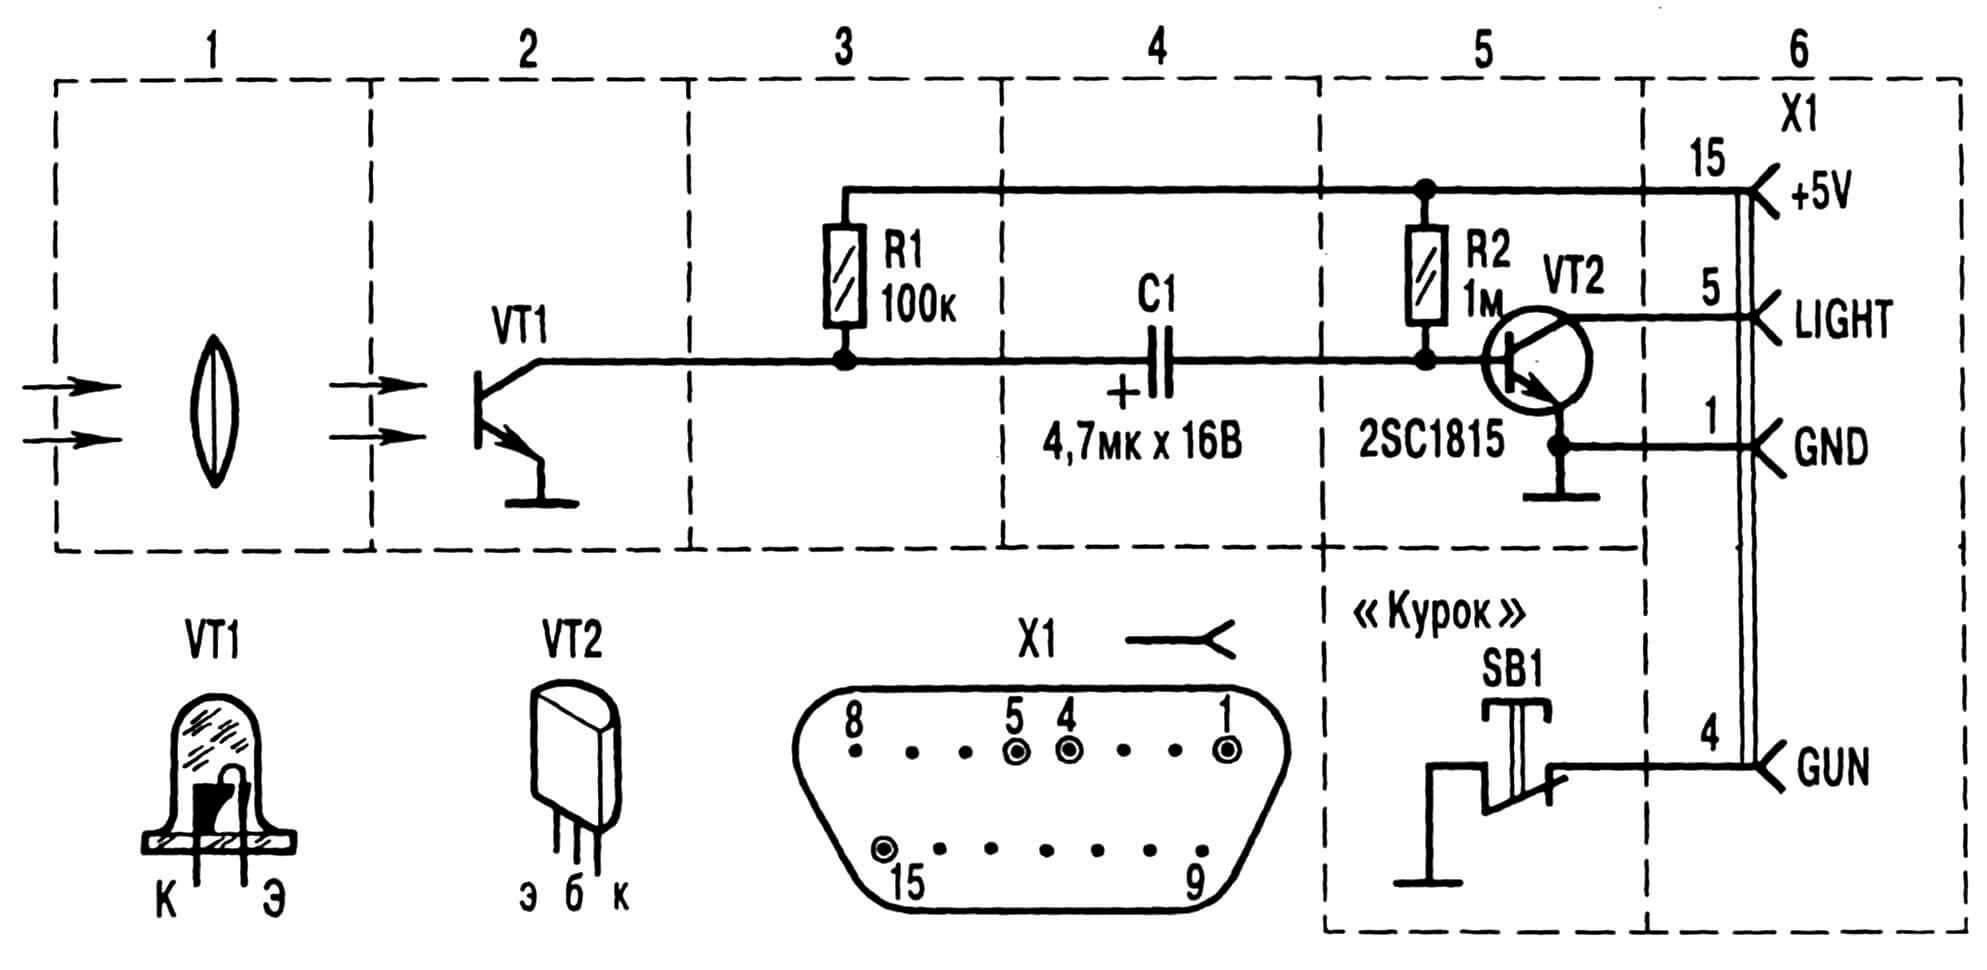 Рис. 1. Принципиальная электрическая схема и основные детали стандартного светового пистолета для 8-битных видеоприставок: 1 — система оптическая, 2 — приемник излучения, 3 — цепь включения приемника, 4 — цепь связи, 5 — усилитель, 6 — колодка электроразъема.